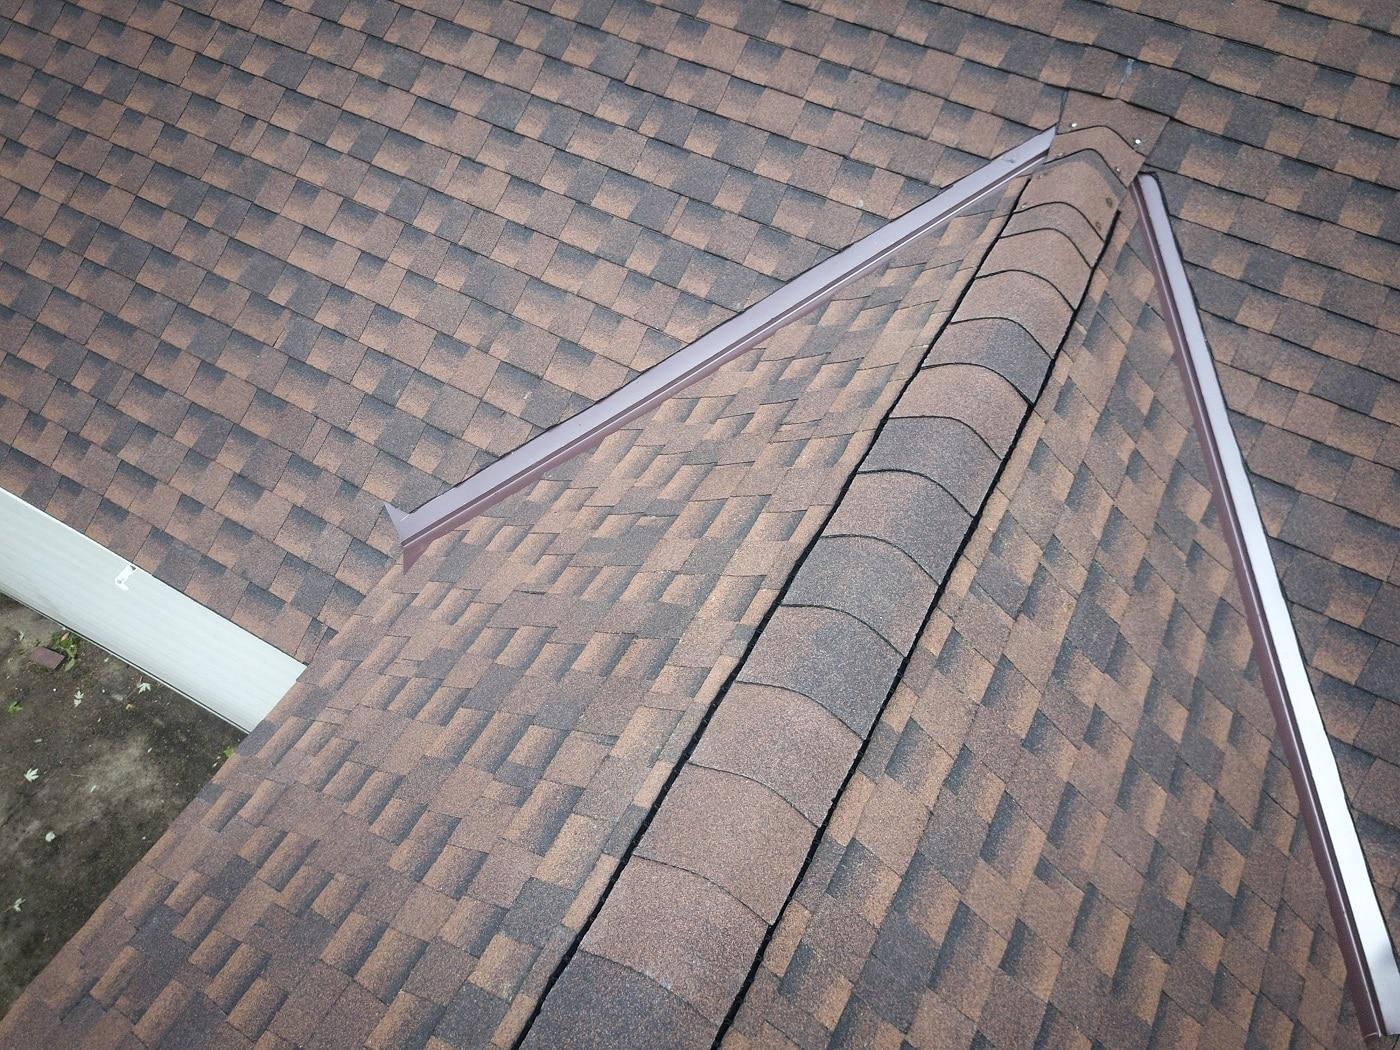 Maplewood asphalt roof